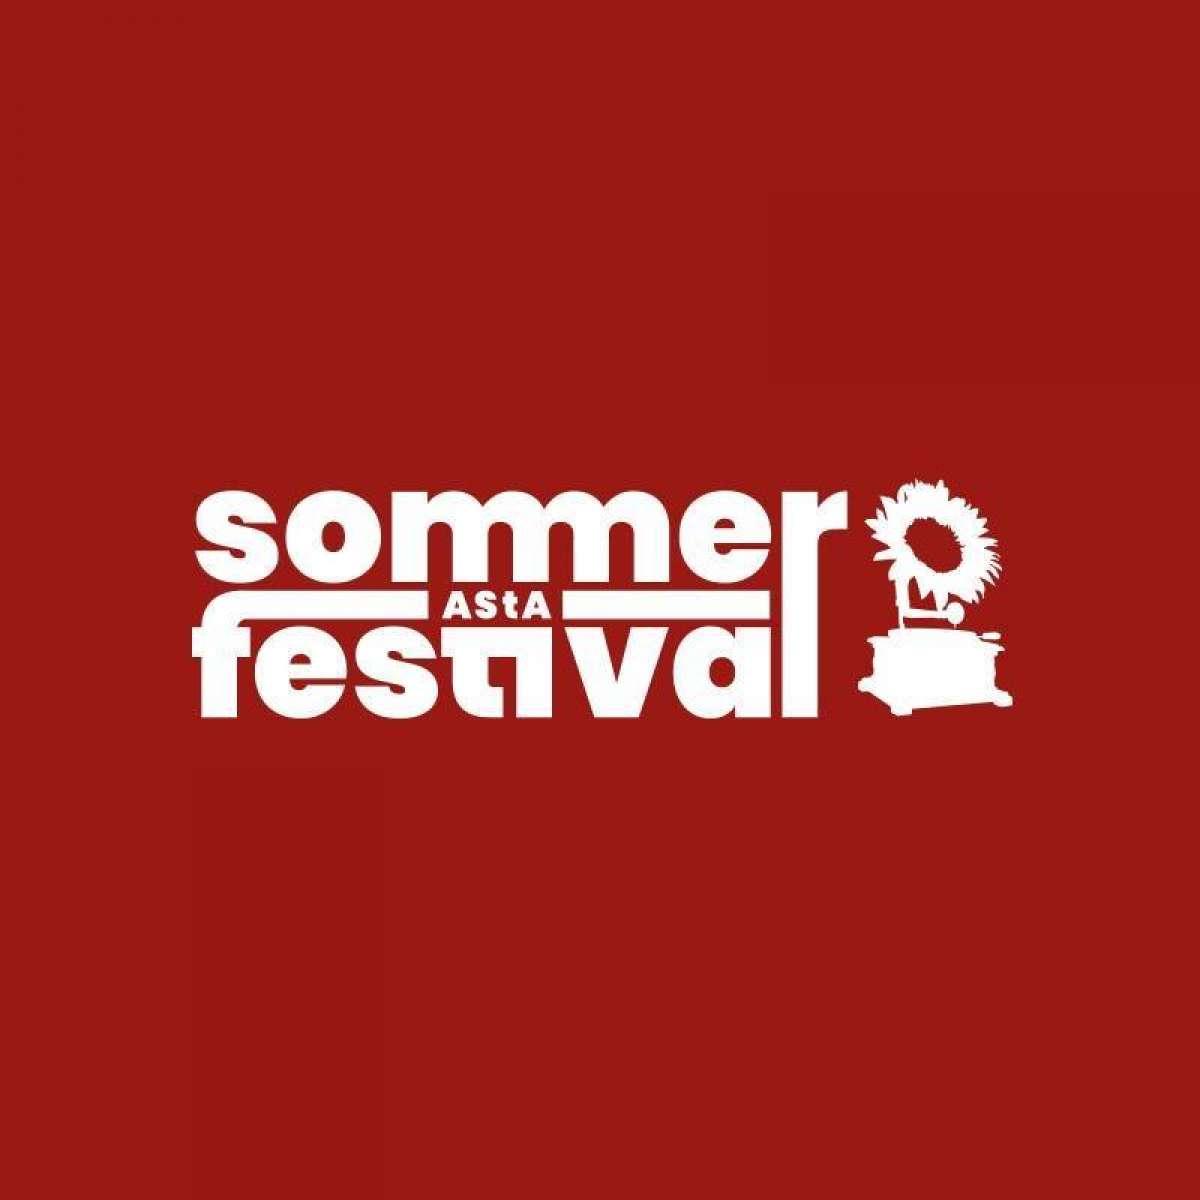 Asta-Sommerfestival - Von Wegen Lisbeth und Querbeat - Universität  - Paderborn